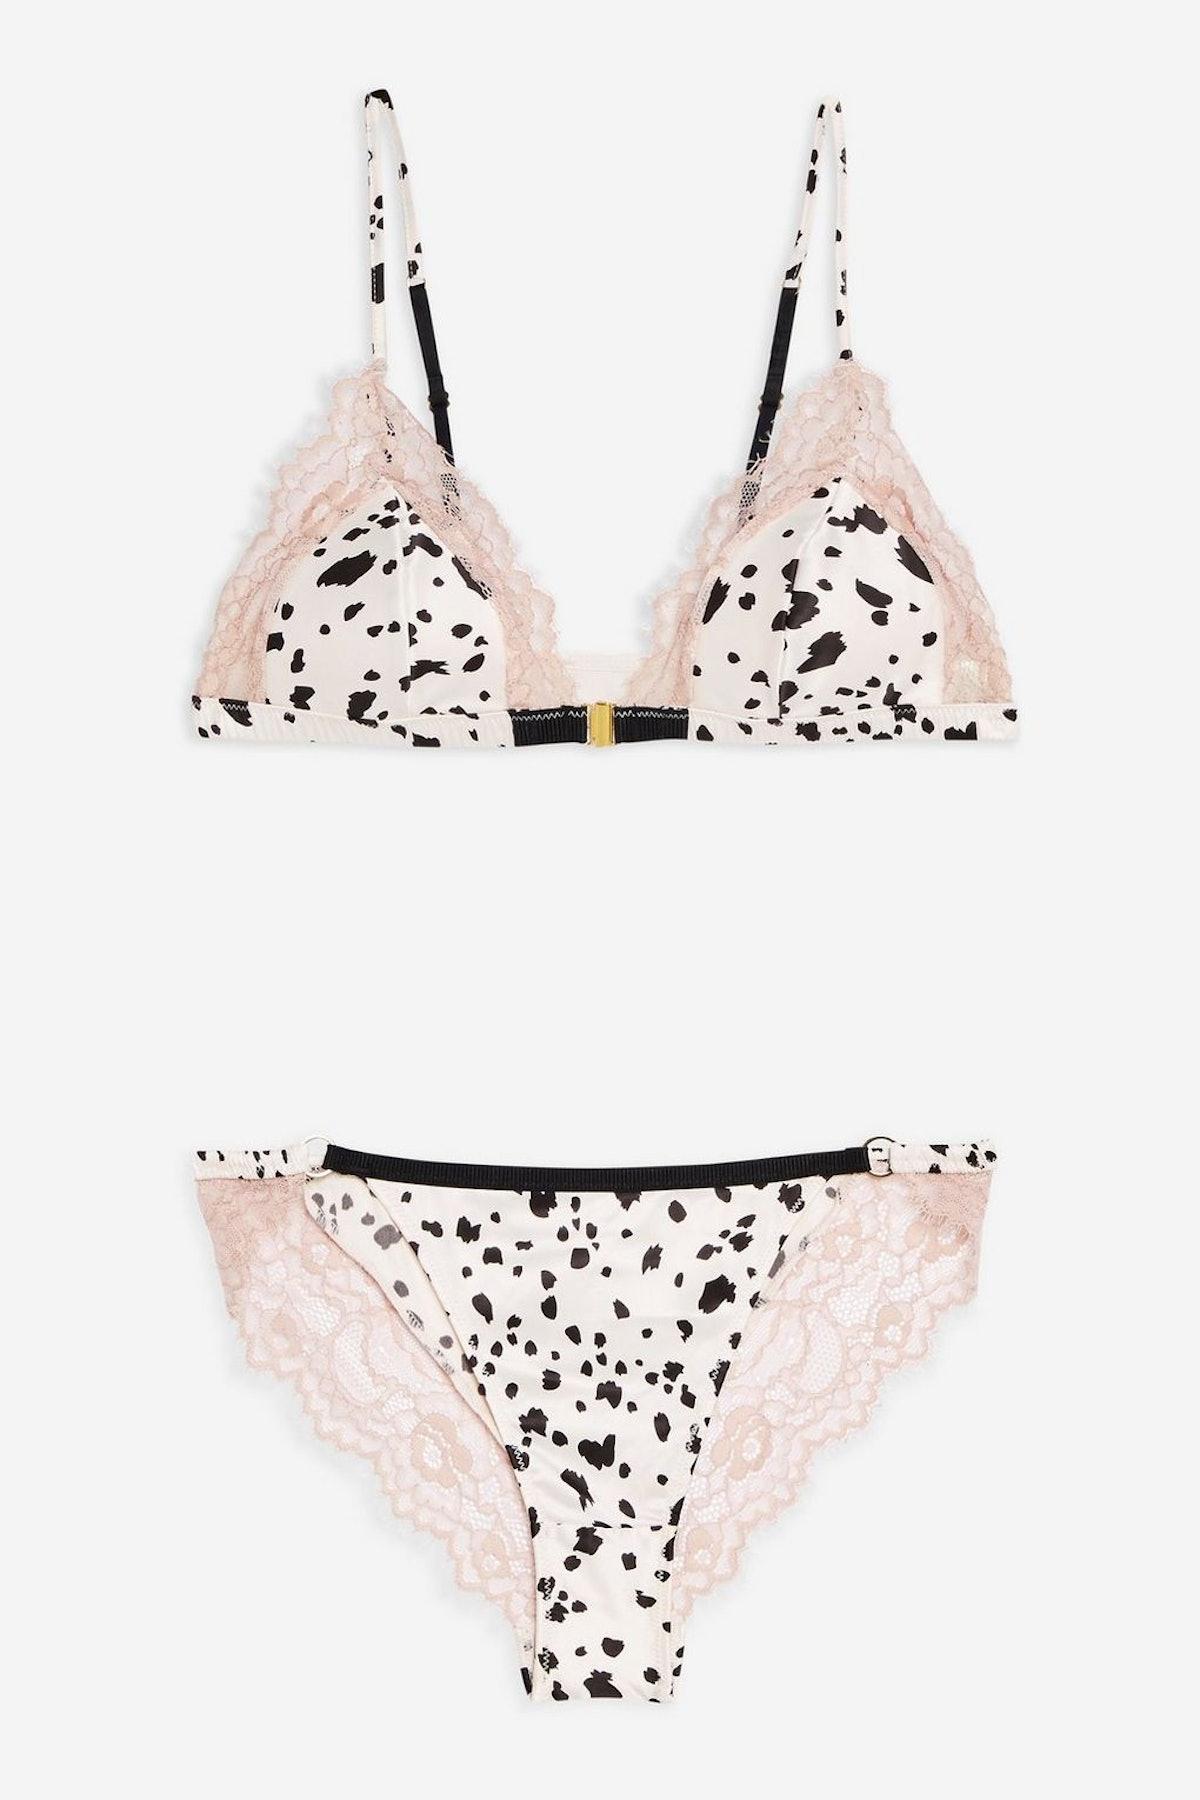 Satin Dalmation Underwear Set